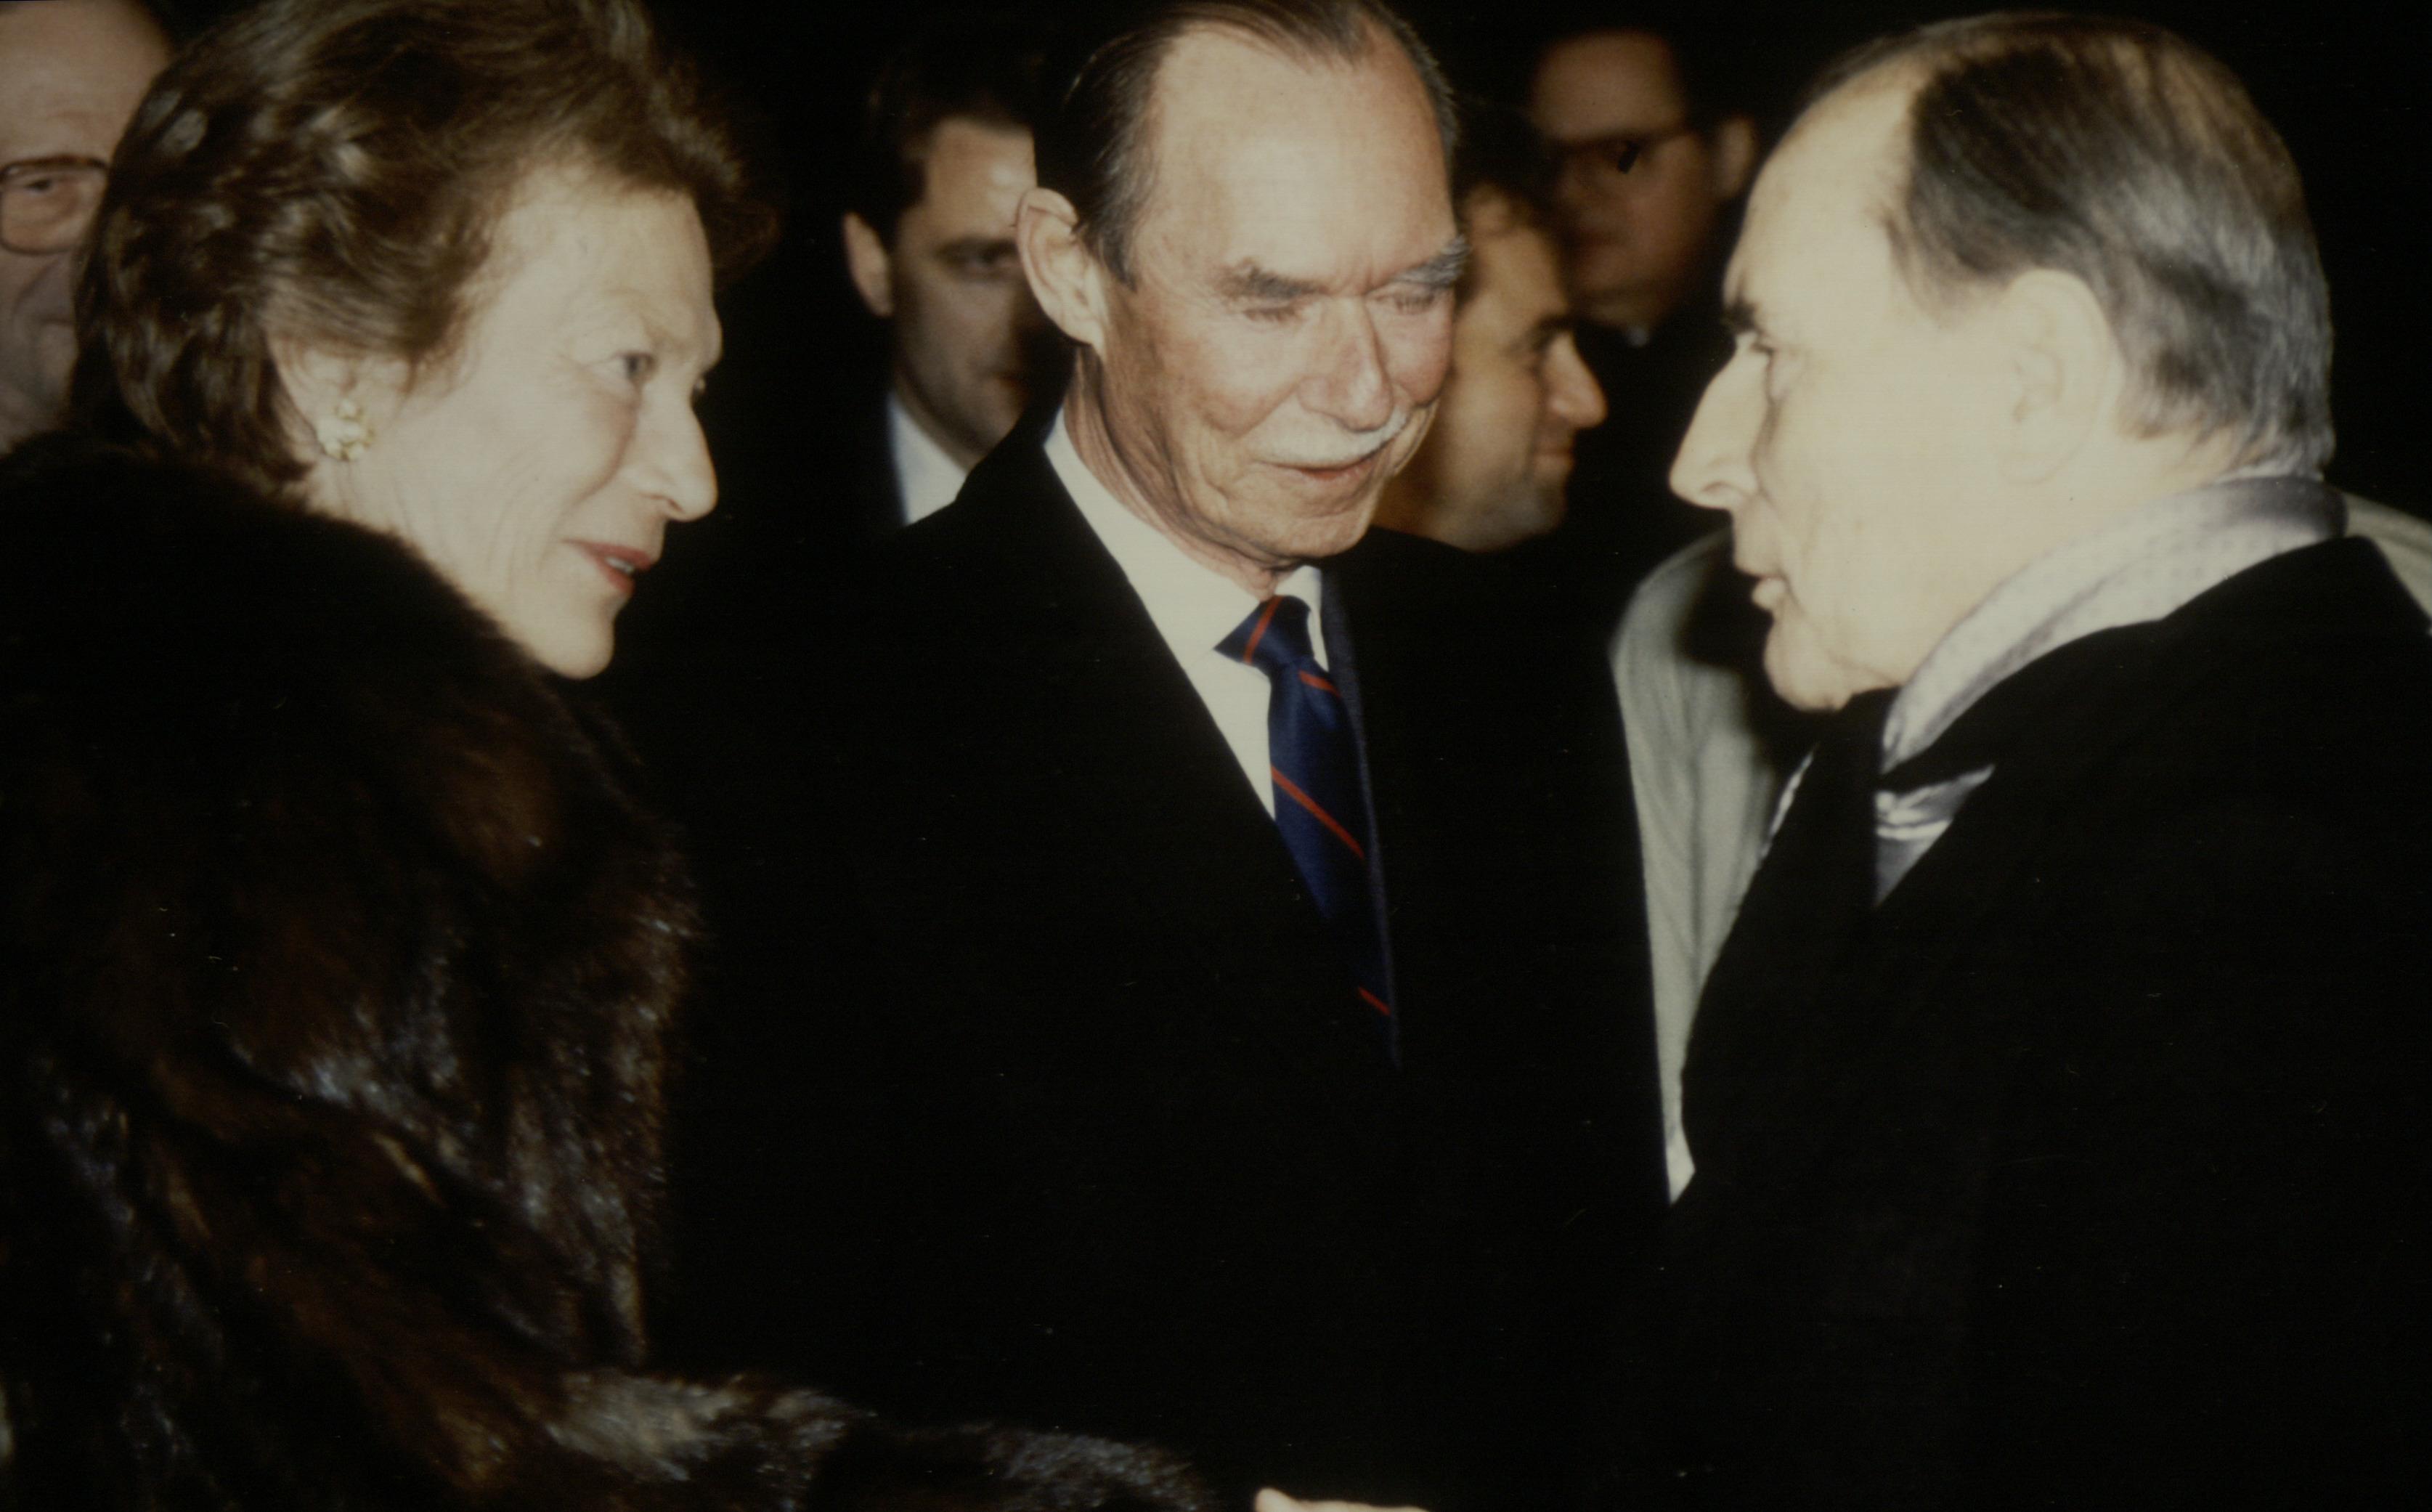 Leurs Altesses Royales le Grand-Duc et la Grande-Duchesse prennent congé de Monsieur François Mitterrand, Président de la République Française. (Photo: Sip / archives)